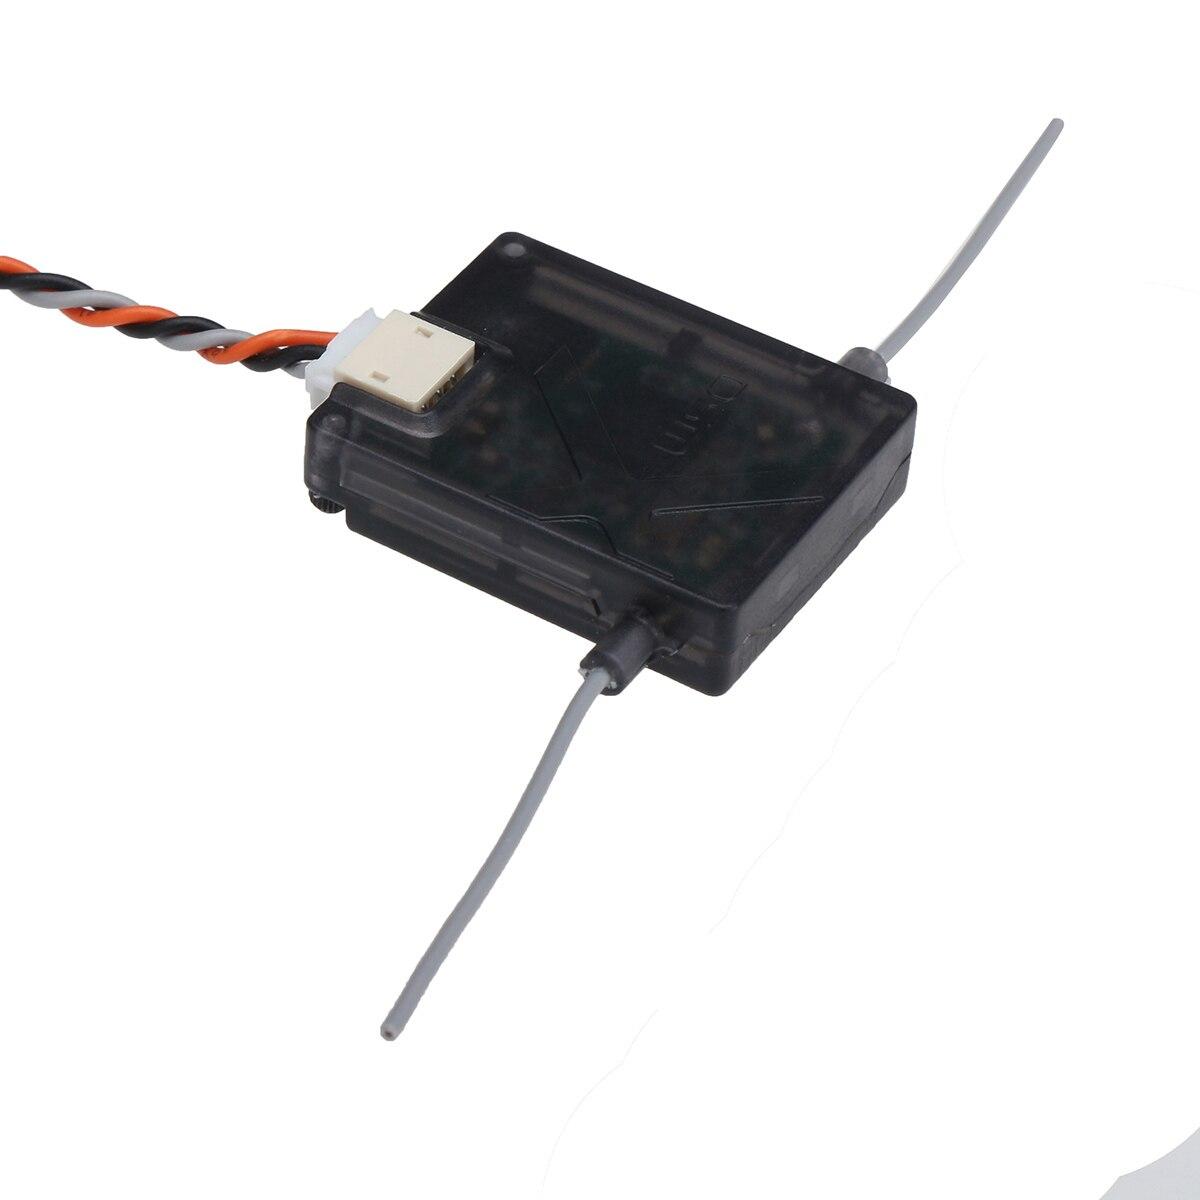 AR8000 8Ch DSMX High-Speed Récepteur Extension Antenne pour Spektrum DX7s DX8 DX9